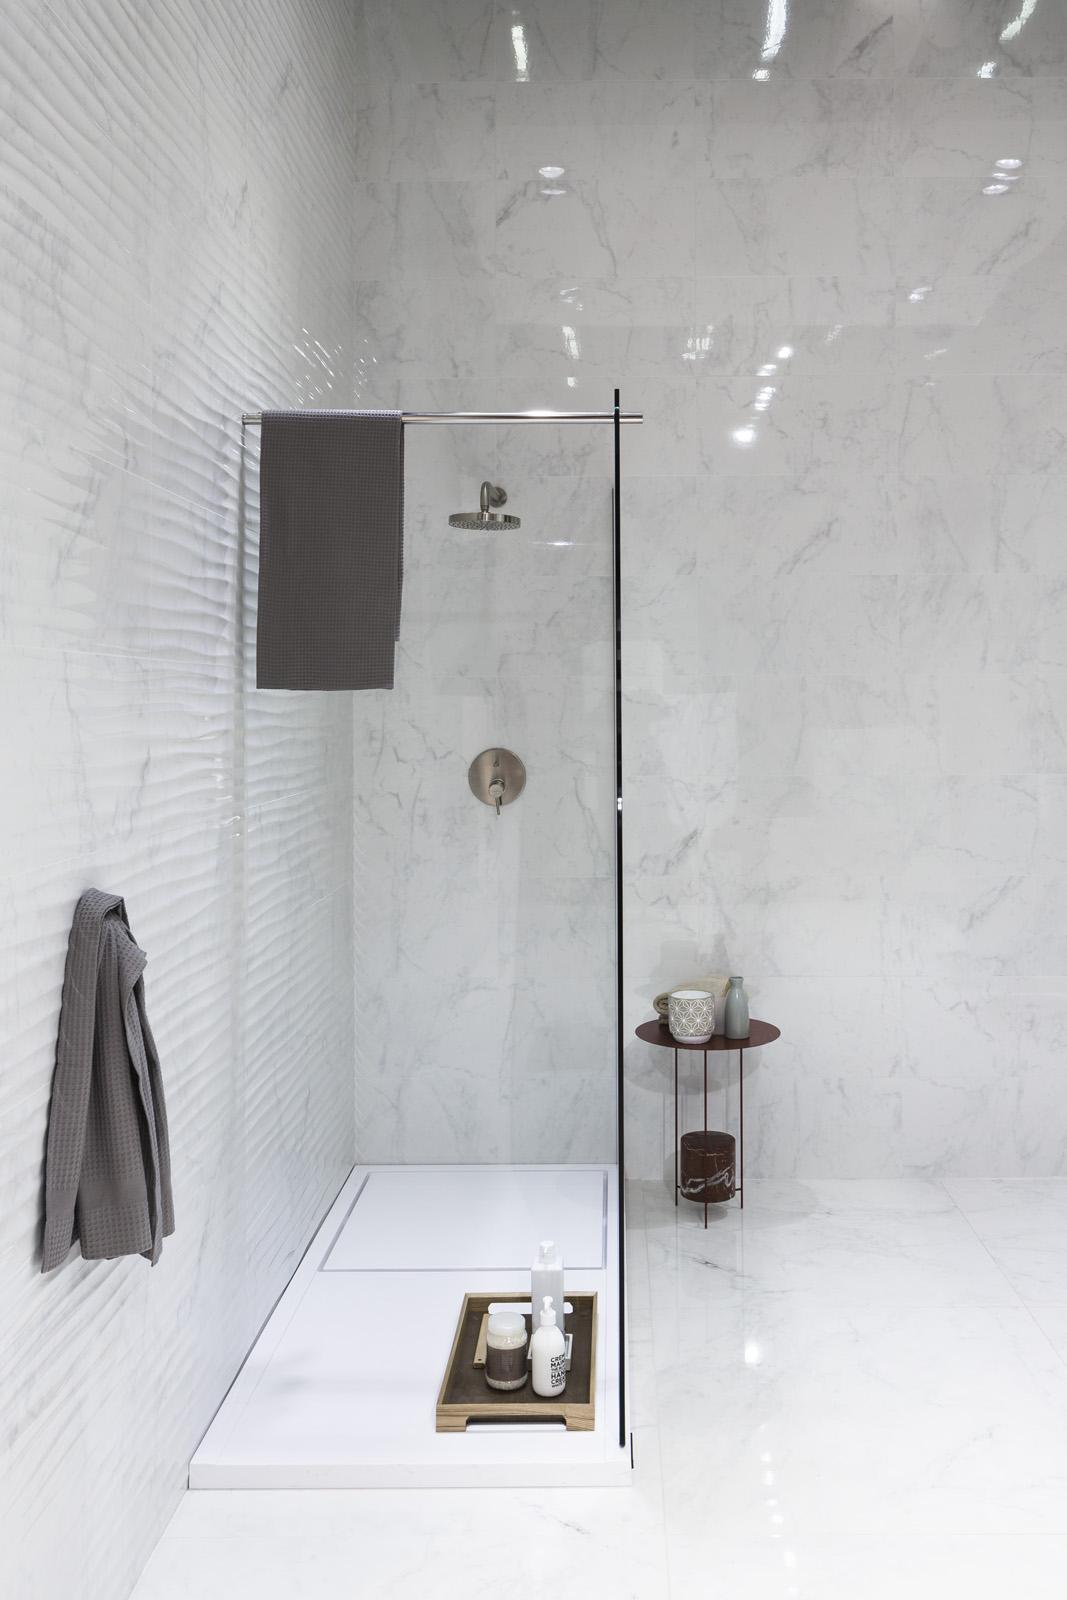 design & conception de salles de bain sur mesure. réalisations ... - Salle De Bain Classique